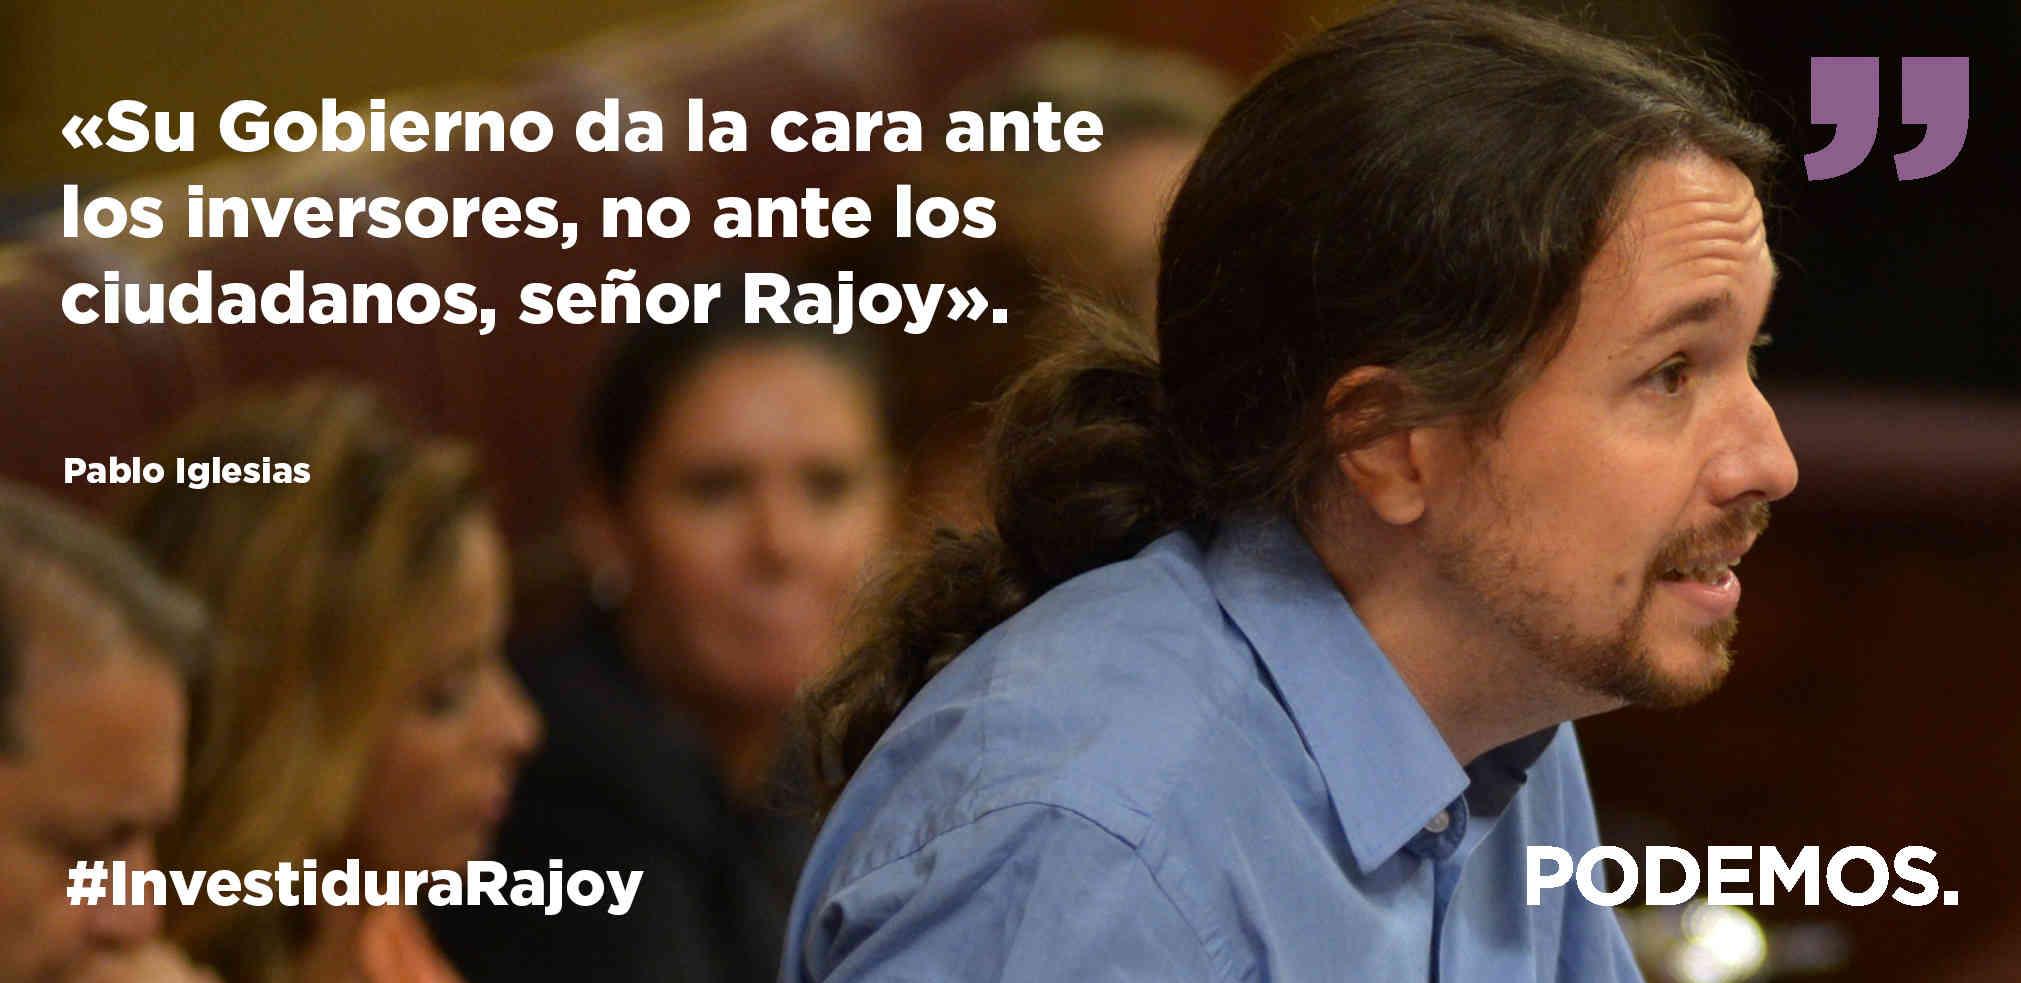 Imagen: Su gobierno da la cara ante los invasores, no ante los ciudadanos, señor Rajoy. Pablo Iglesias #InvestiduraRajoy Podemos